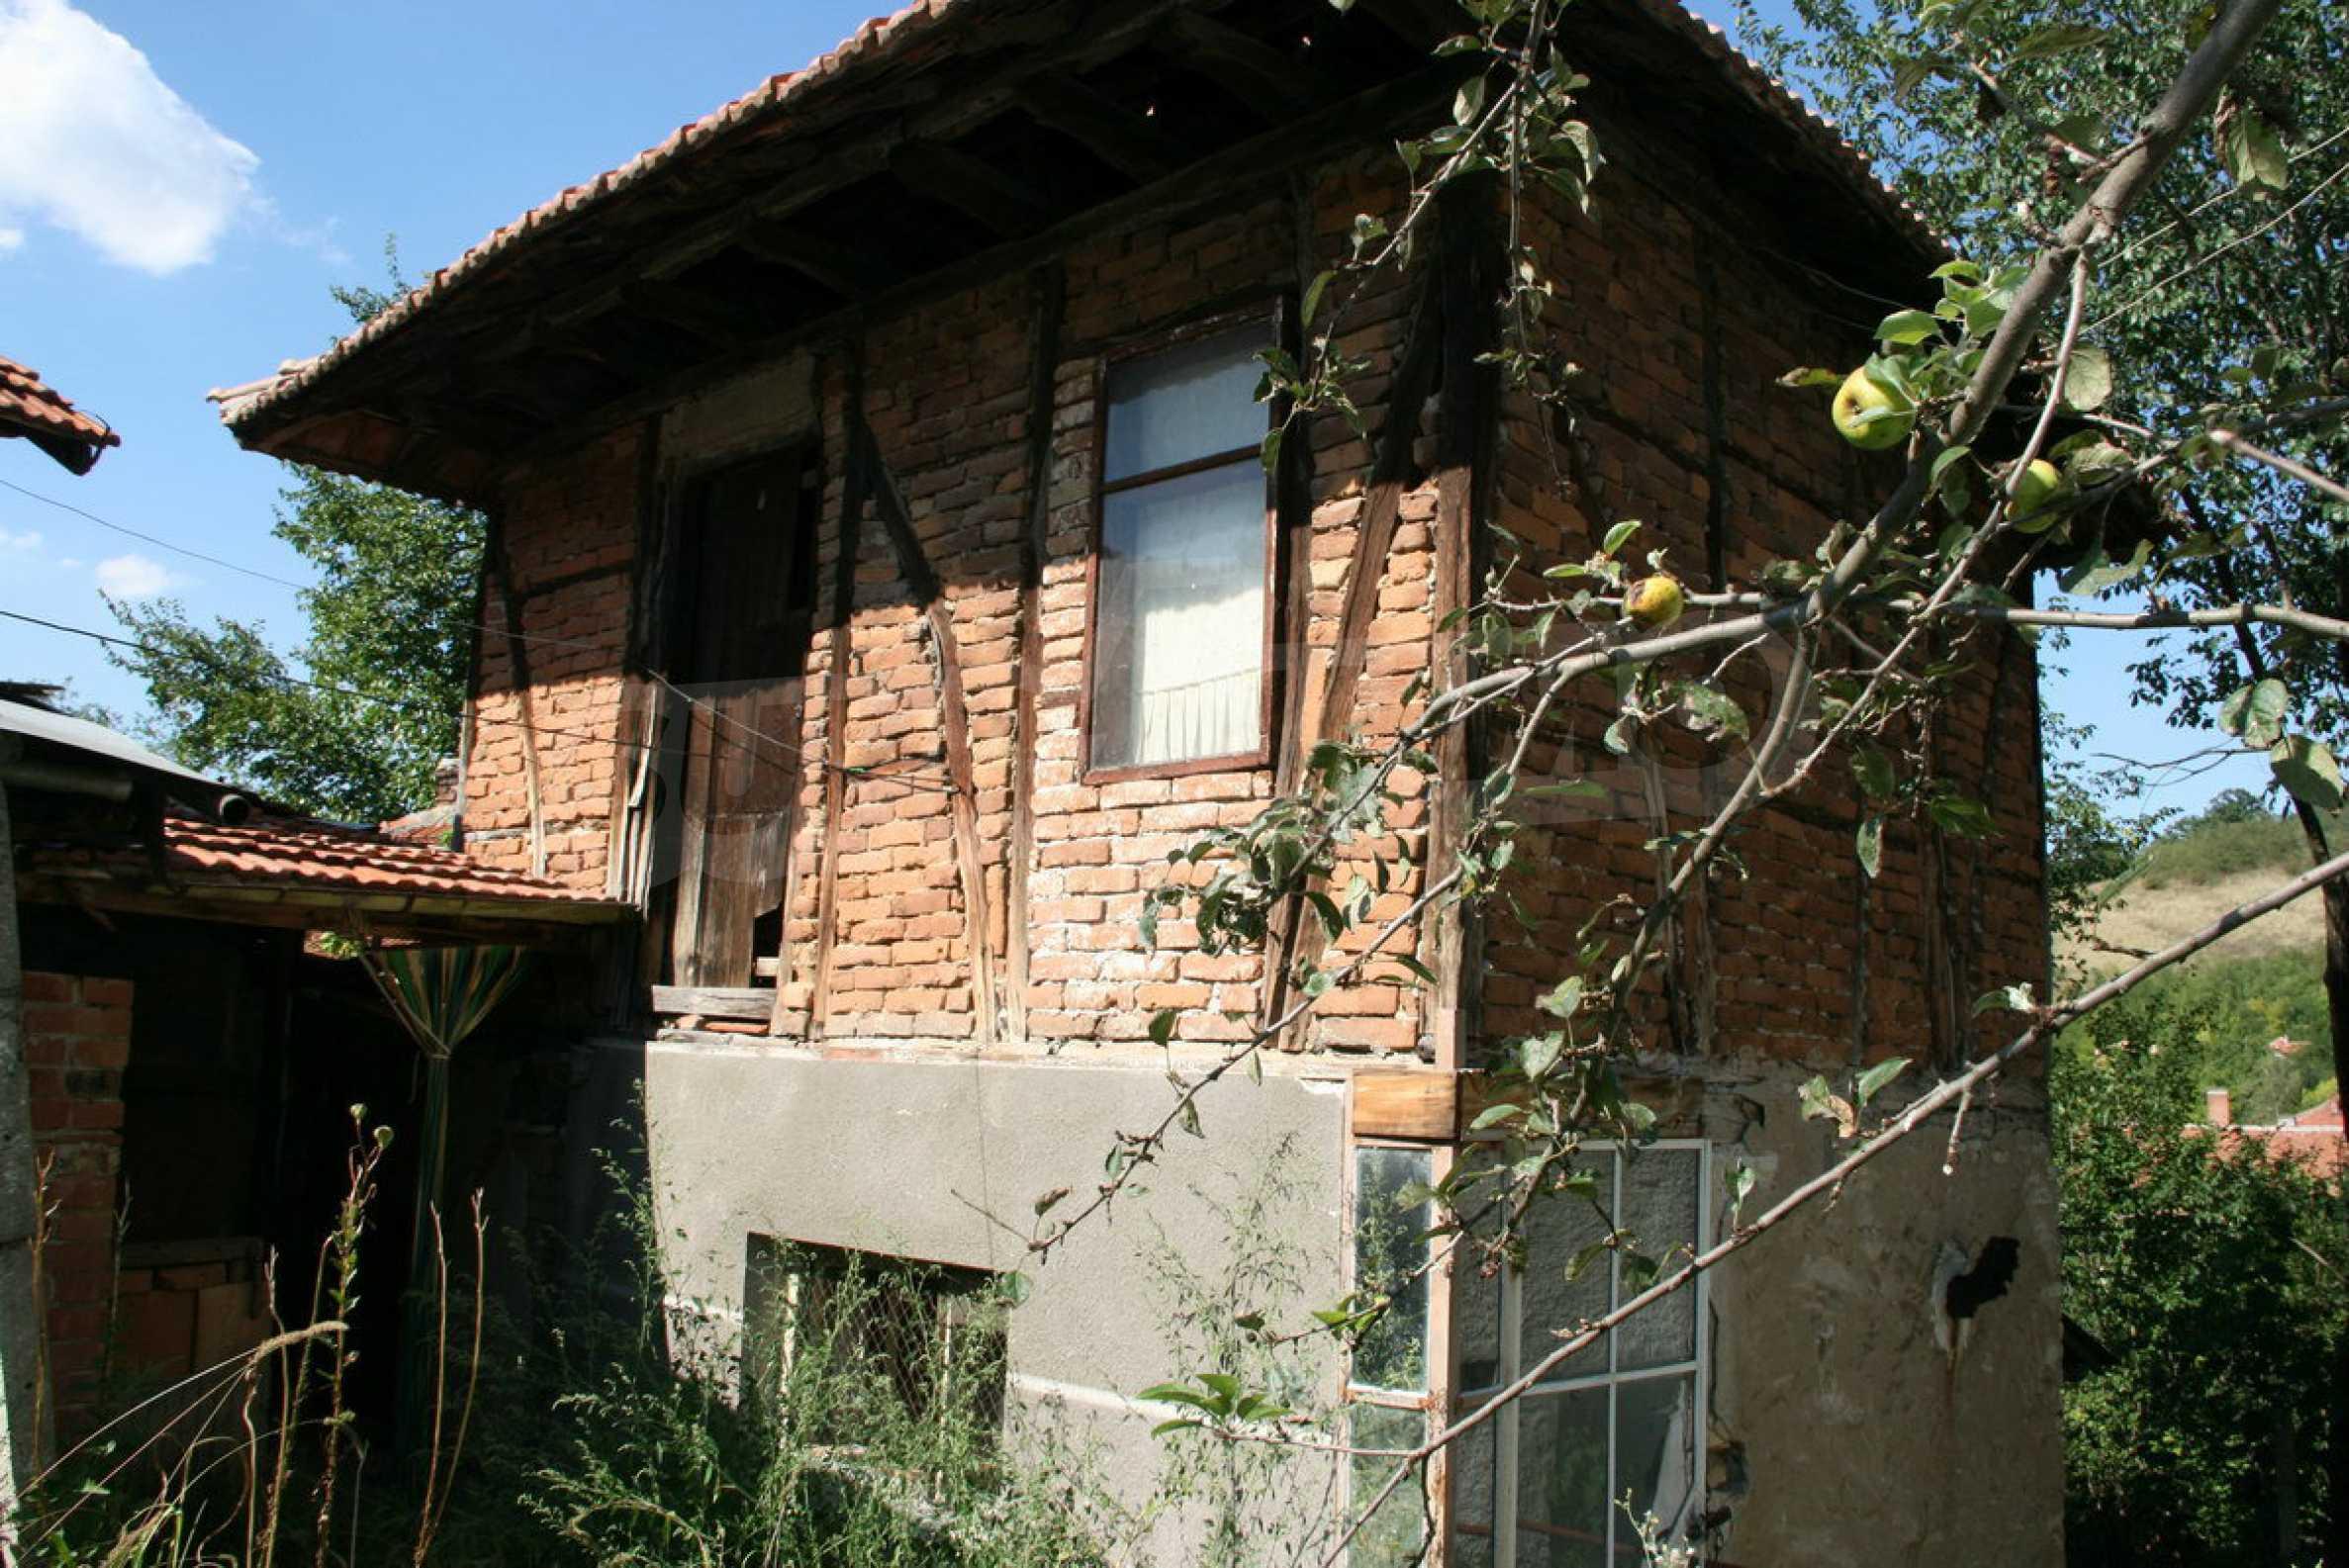 Двуетажна къща с двор в село на 28 км от град Ловеч  14